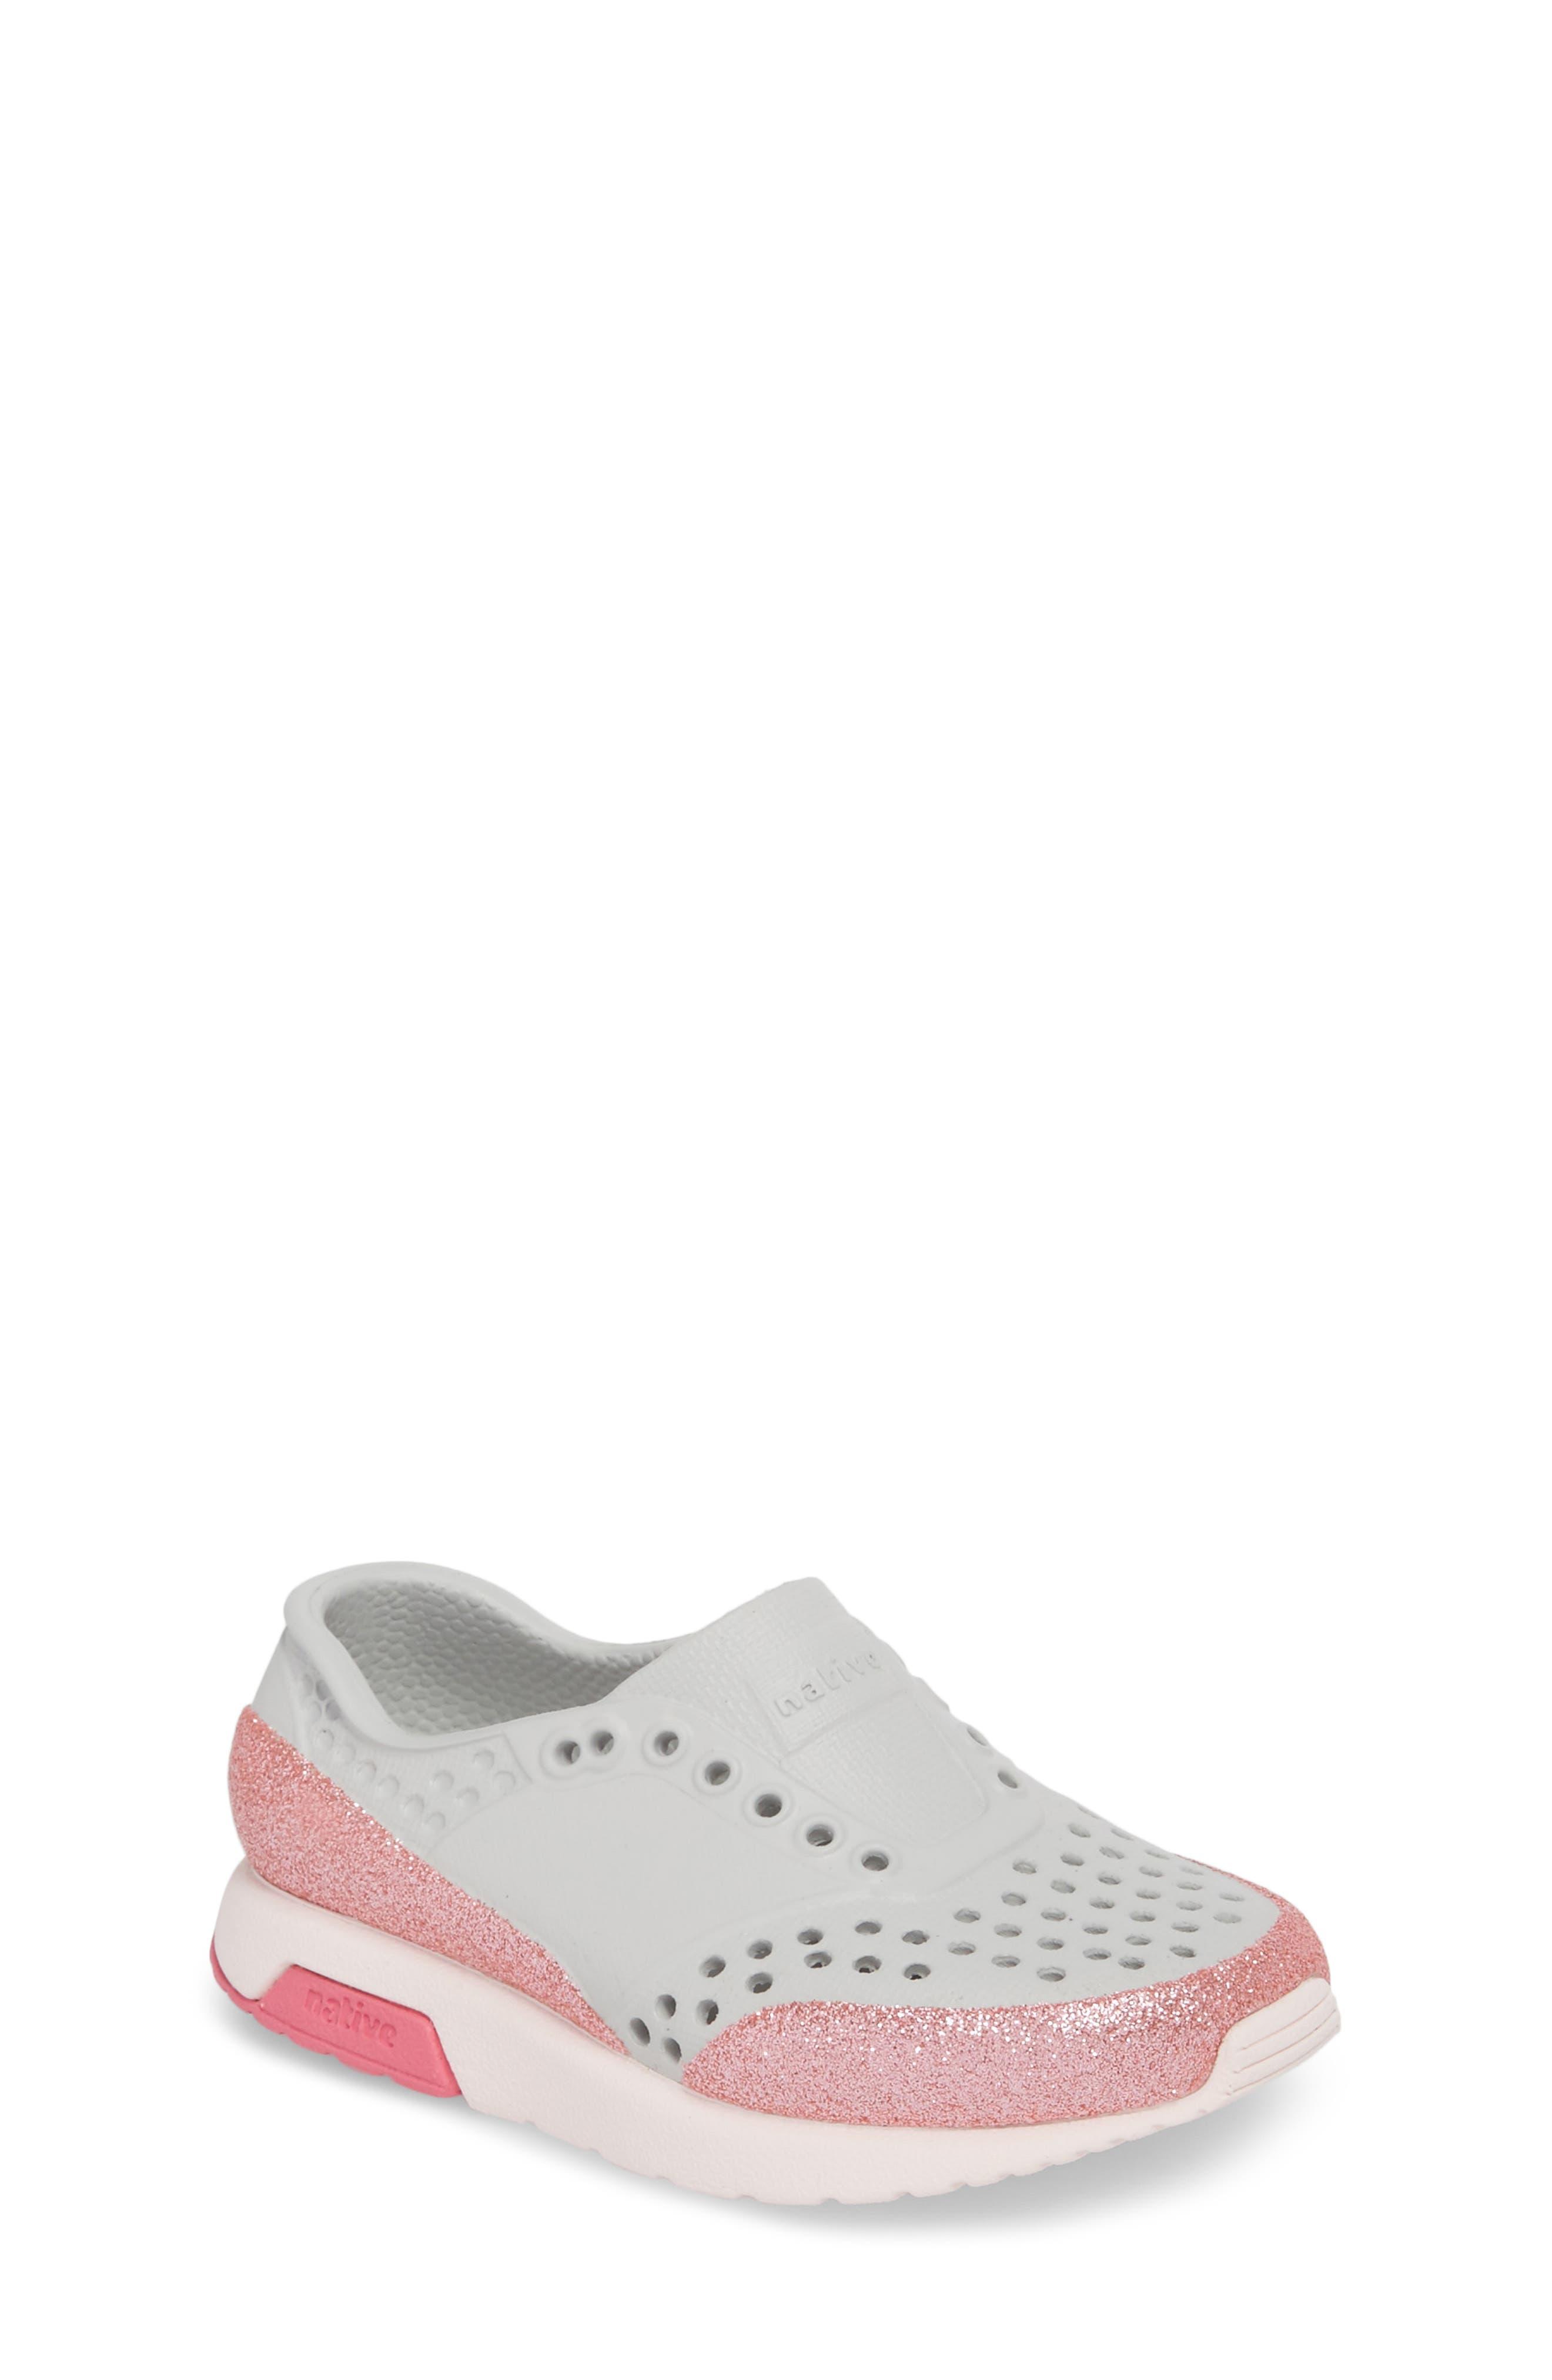 Lennox Glitter Slip-On Sneaker,                             Main thumbnail 1, color,                             Mist Grey/ Milk Pink/ Glitter